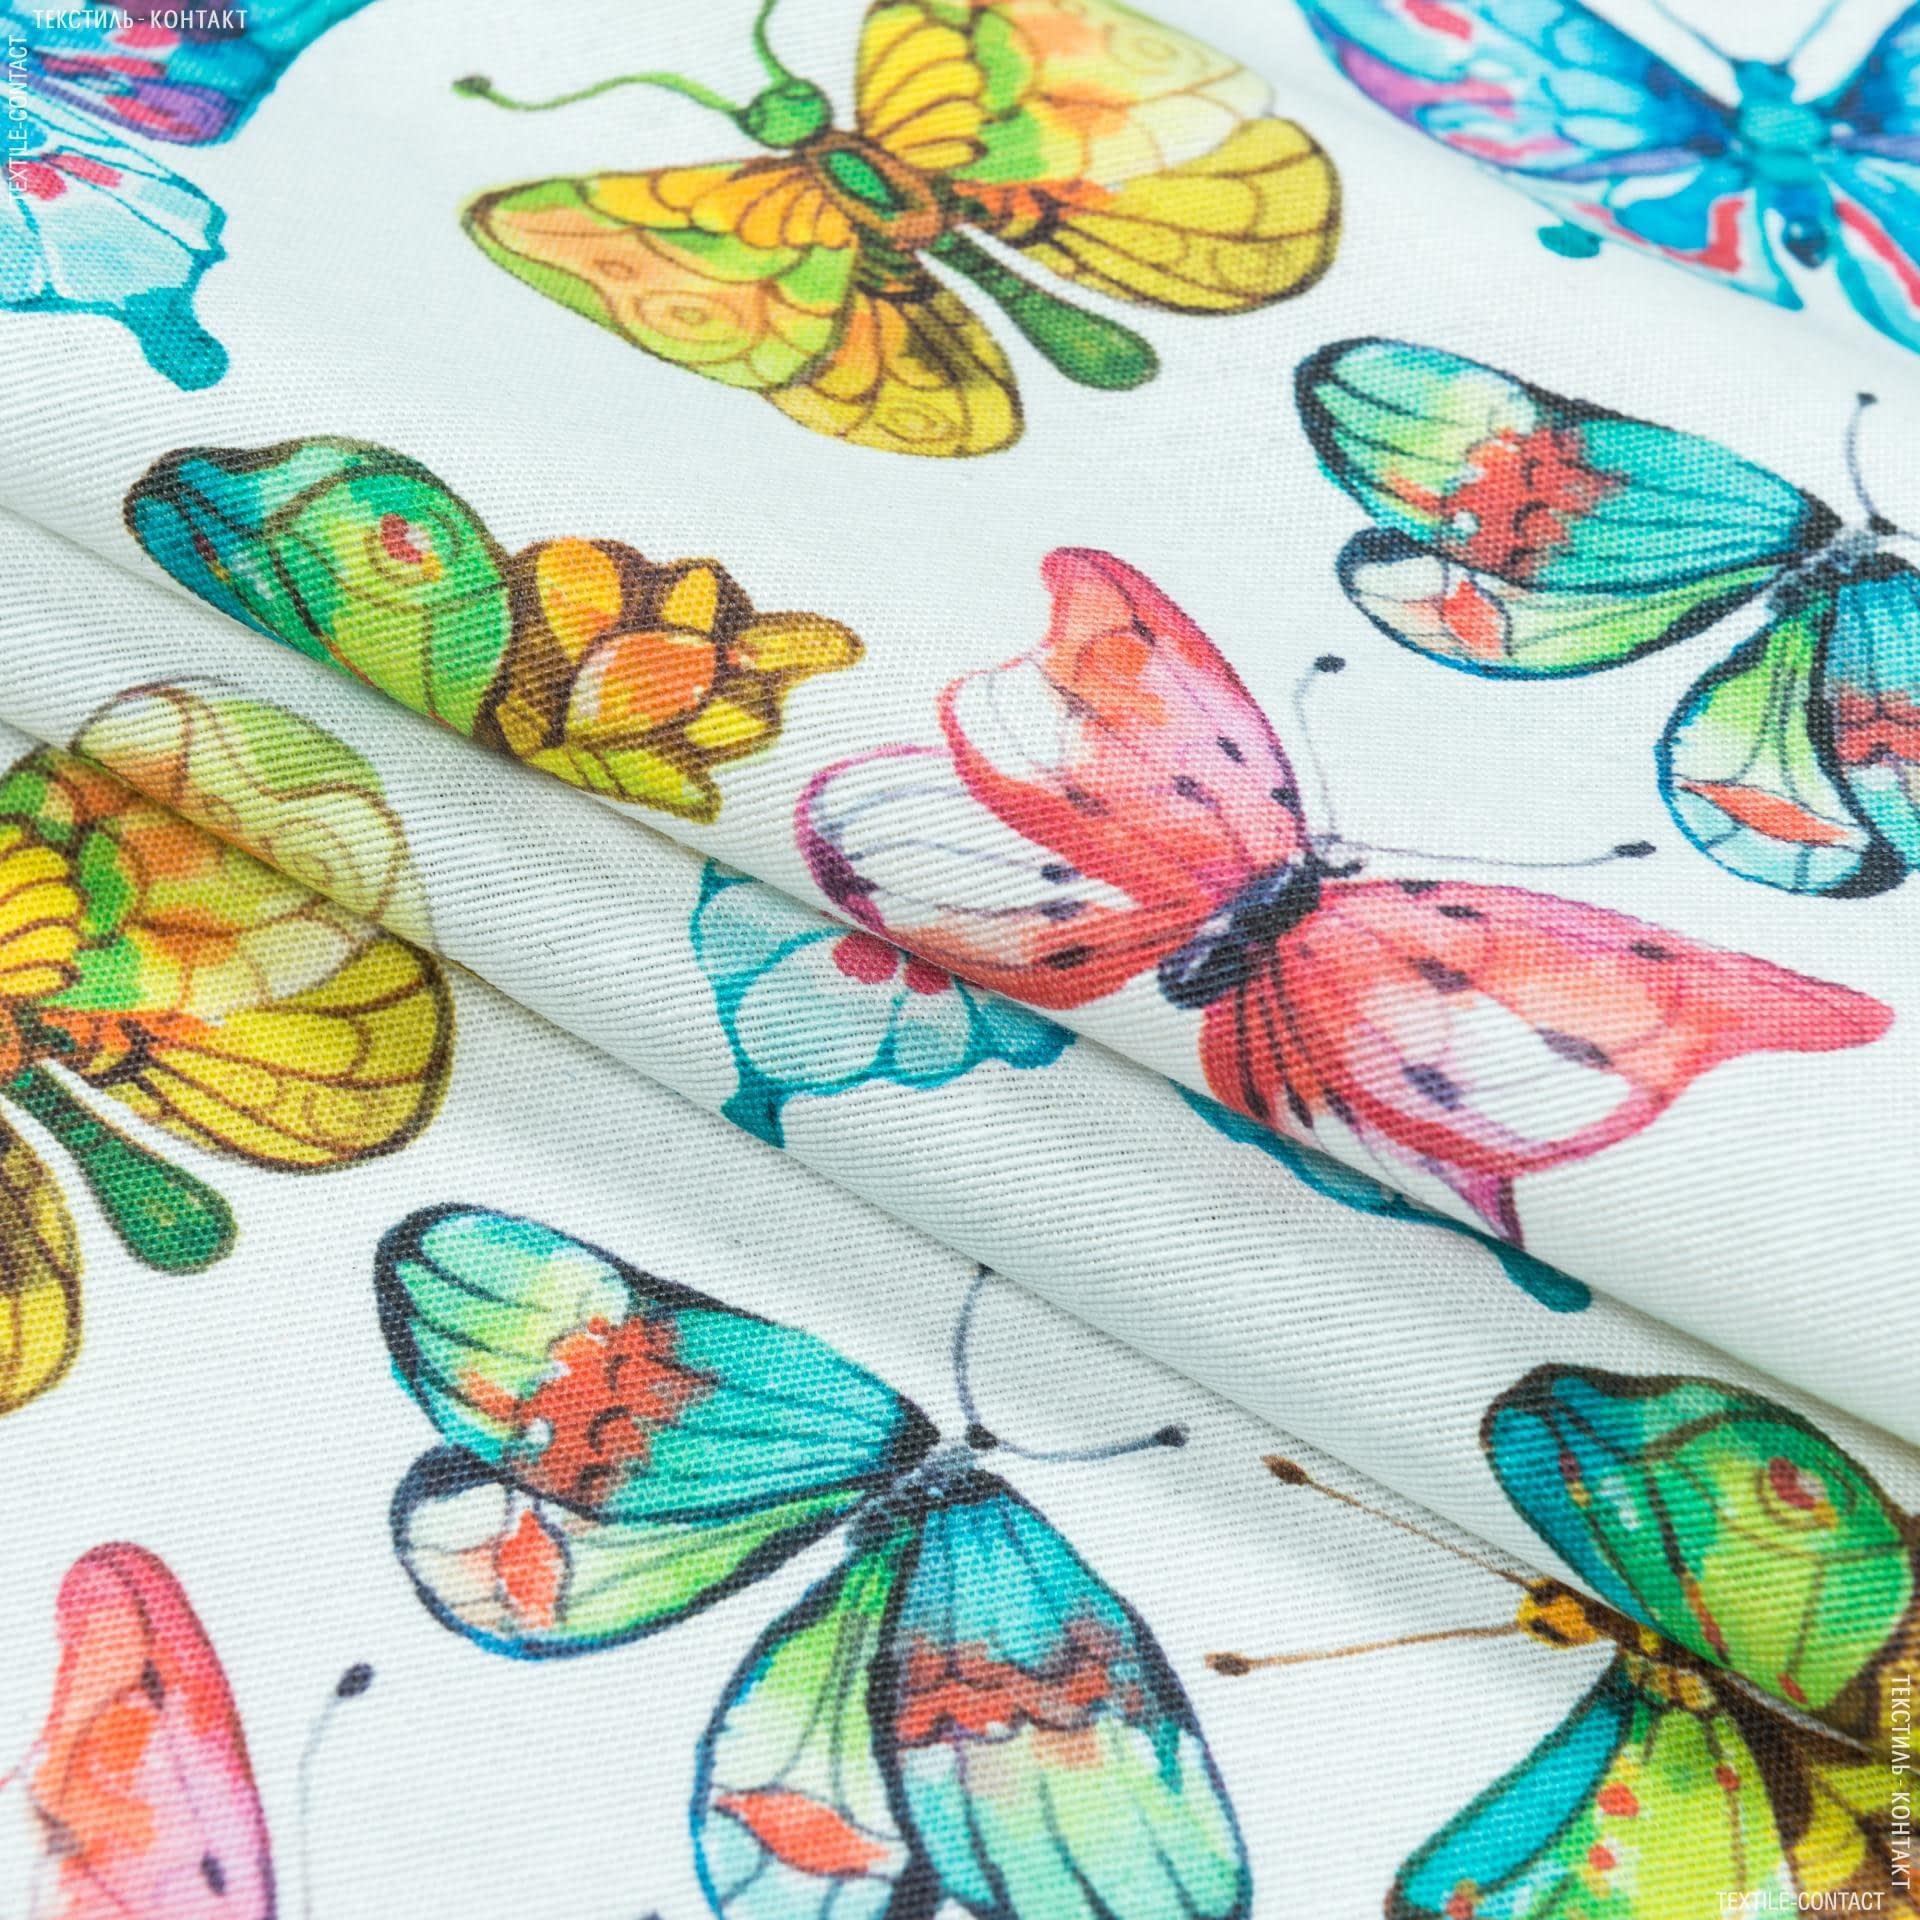 Ткани портьерные ткани - Декоративная ткань   реф бабочки /ref  мультиколор